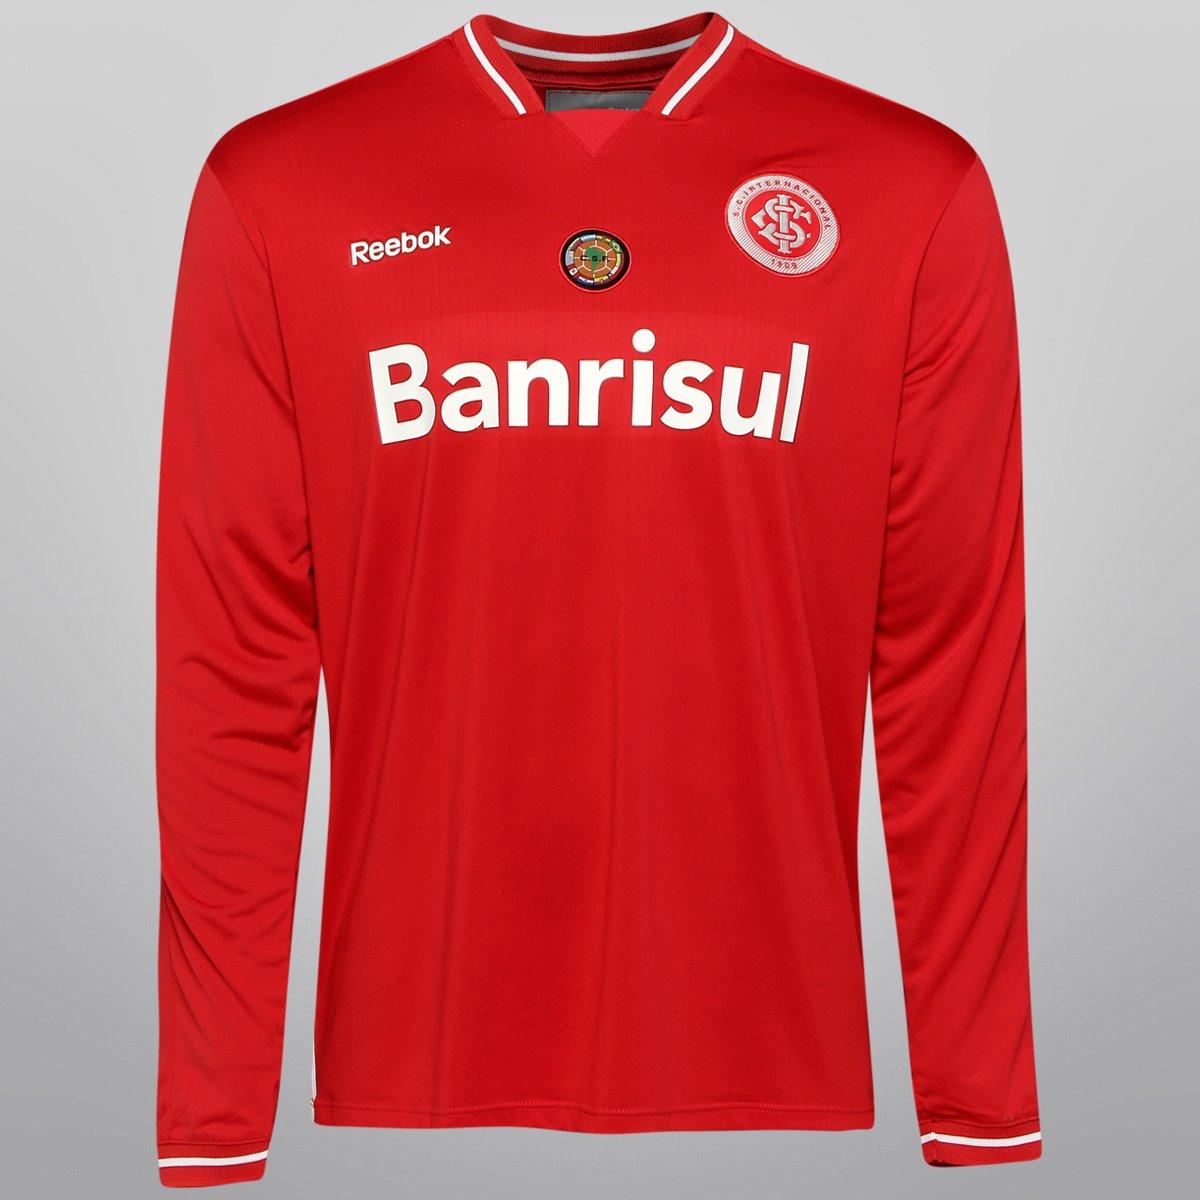 Camisa Reebok Internacional I 2011 c nº Conmebol - Compre Agora ... 623447fb1ae3b